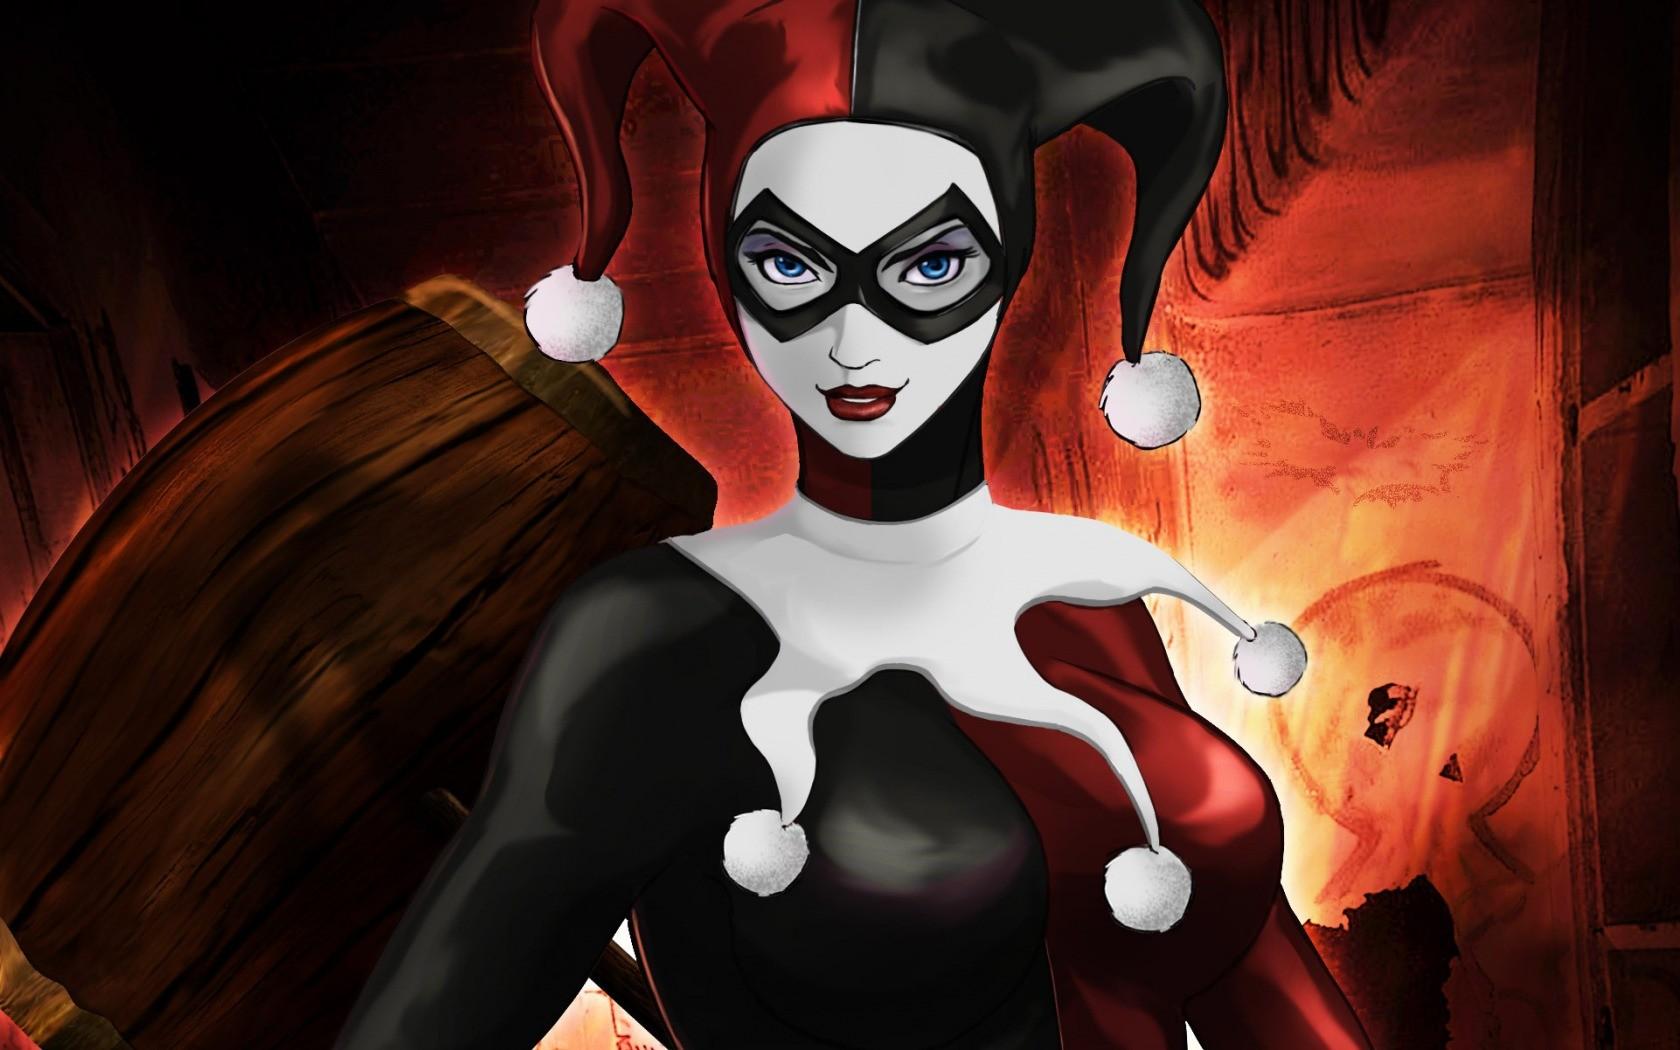 Wonderful Wallpaper Halloween Joker - illustration-digital-art-anime-red-Batman-Joker-DC-Comics-Harley-Quinn-comics-darkness-screenshot-computer-wallpaper-fictional-character-fiction-138055  2018_956387.jpg